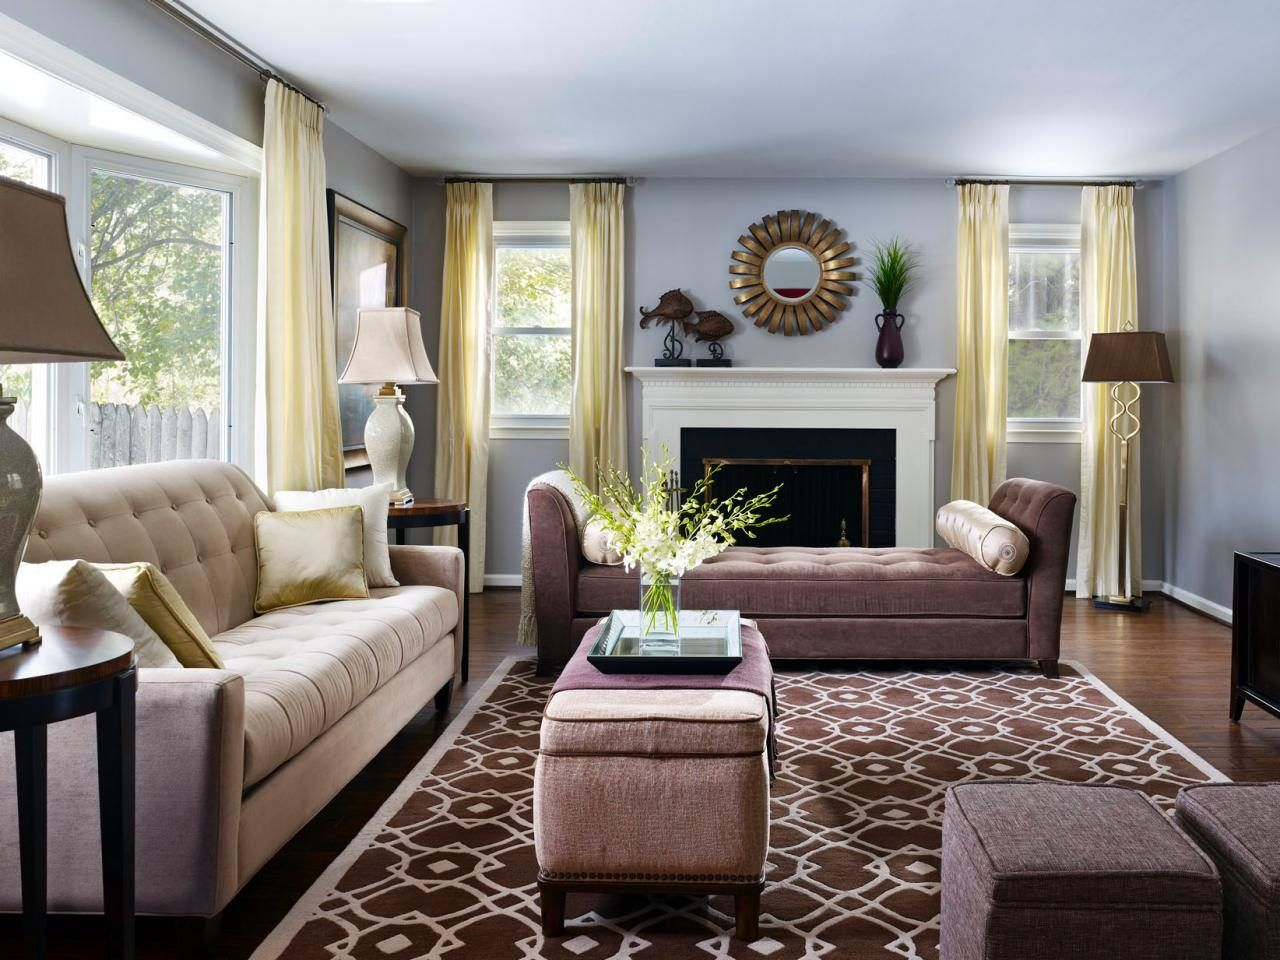 Бело-коричневая гостиная: 7 элементов дизайна